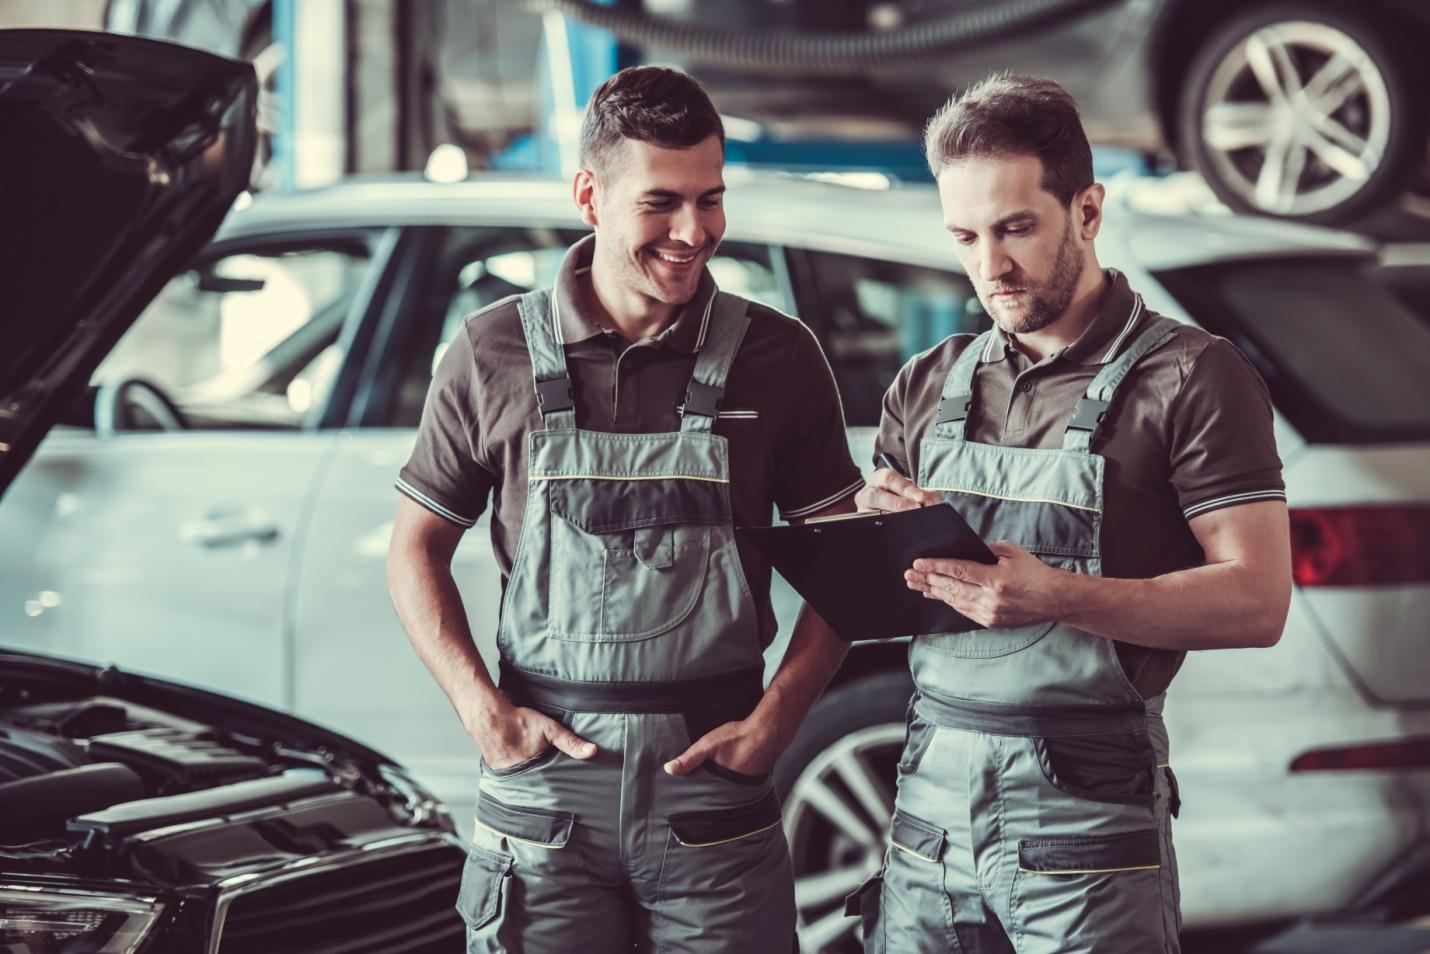 Mécanique automobile: toujours un métier d'avenir?